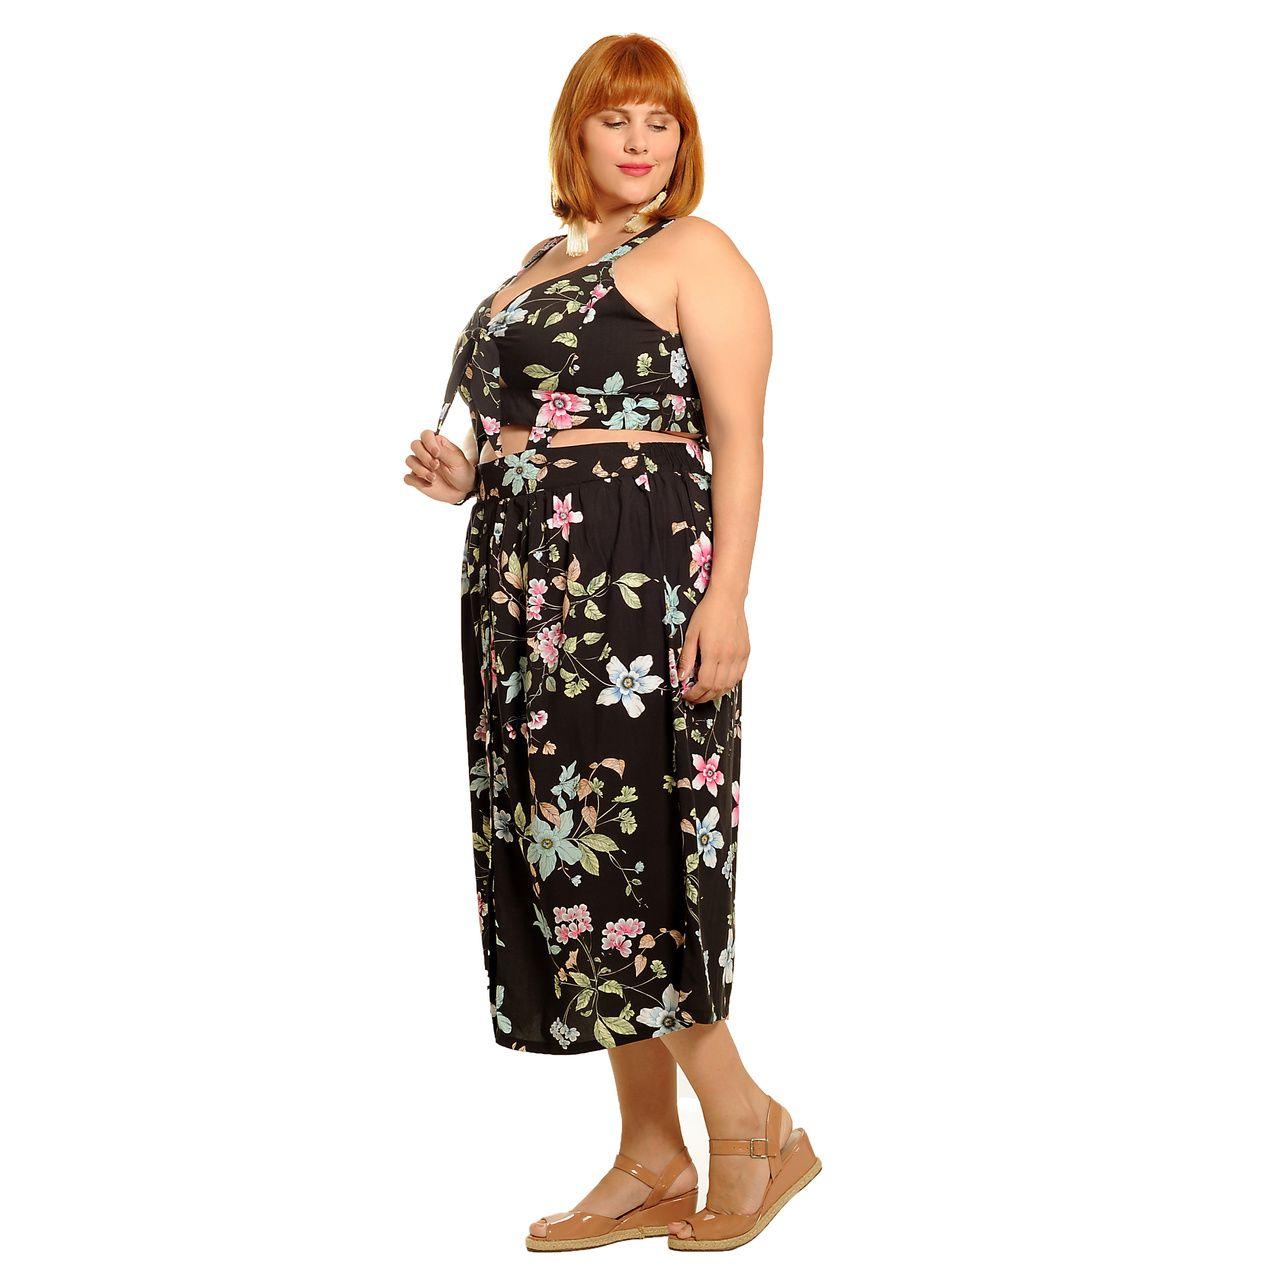 Vestido preto floral com faixas na cintura plus size